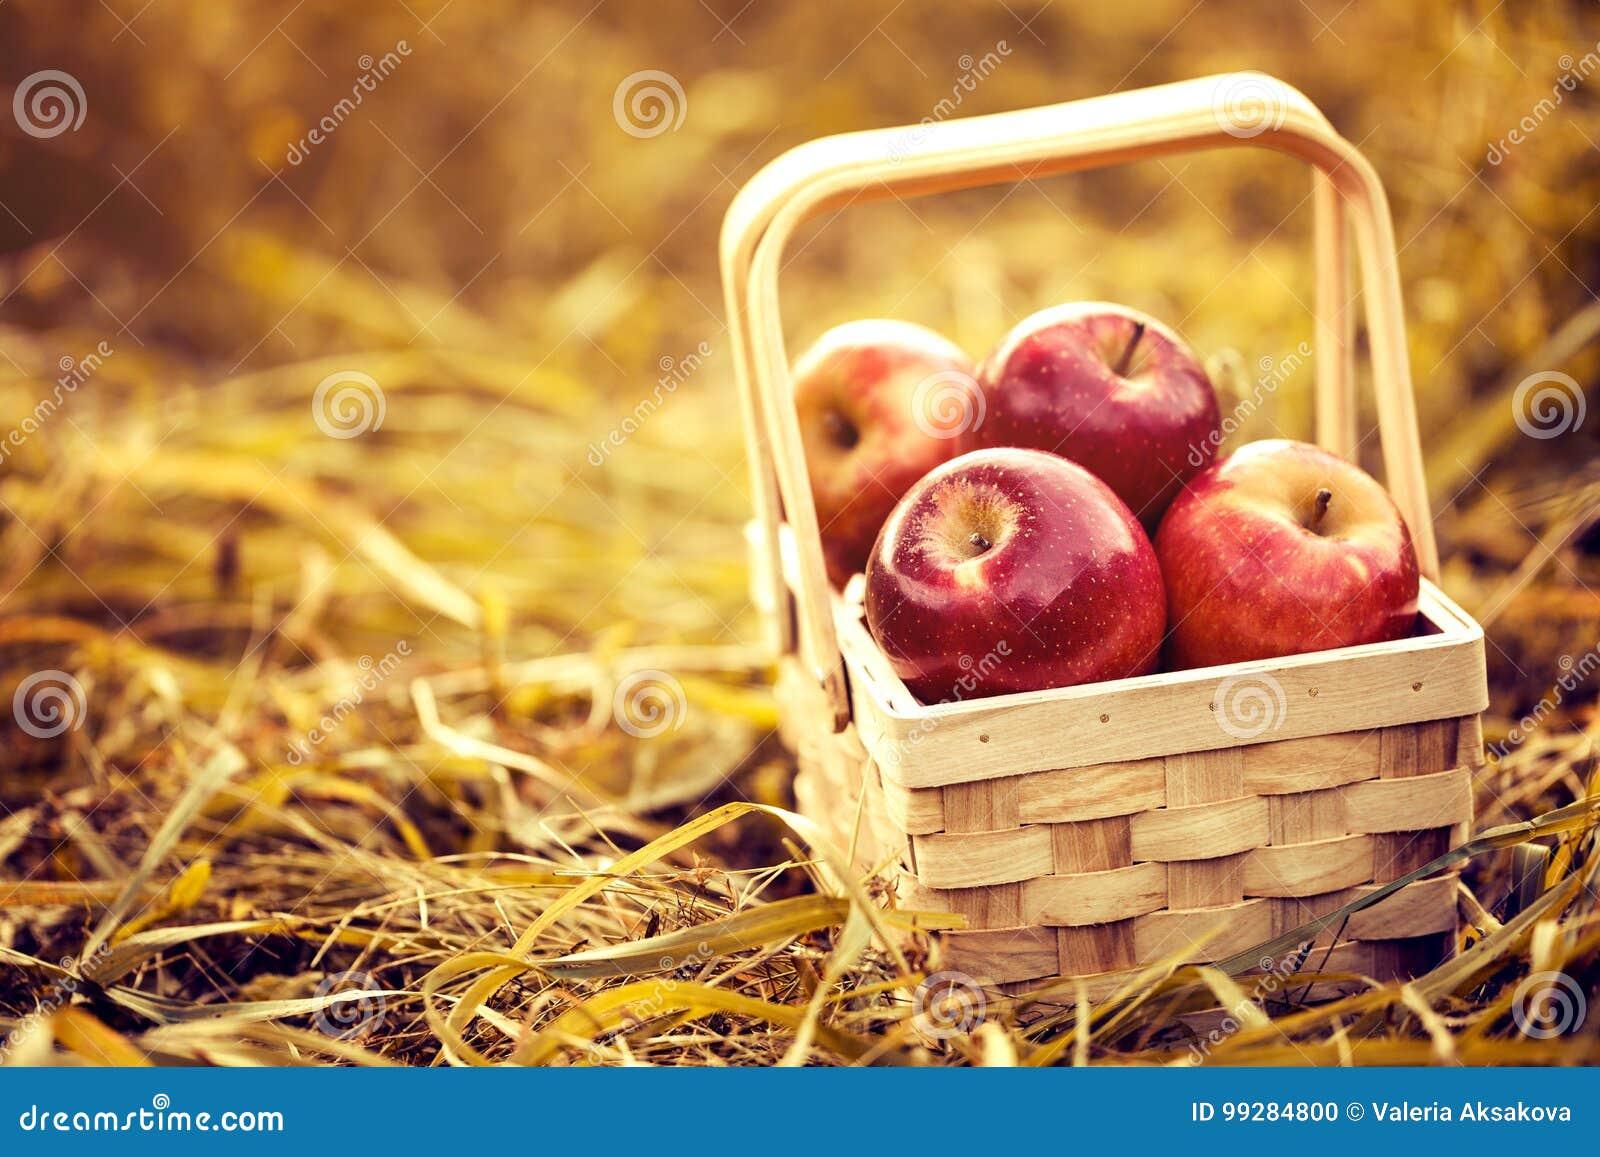 Verse Smakelijke Rode Appelen in Houten Mand op Rood Autumn Background